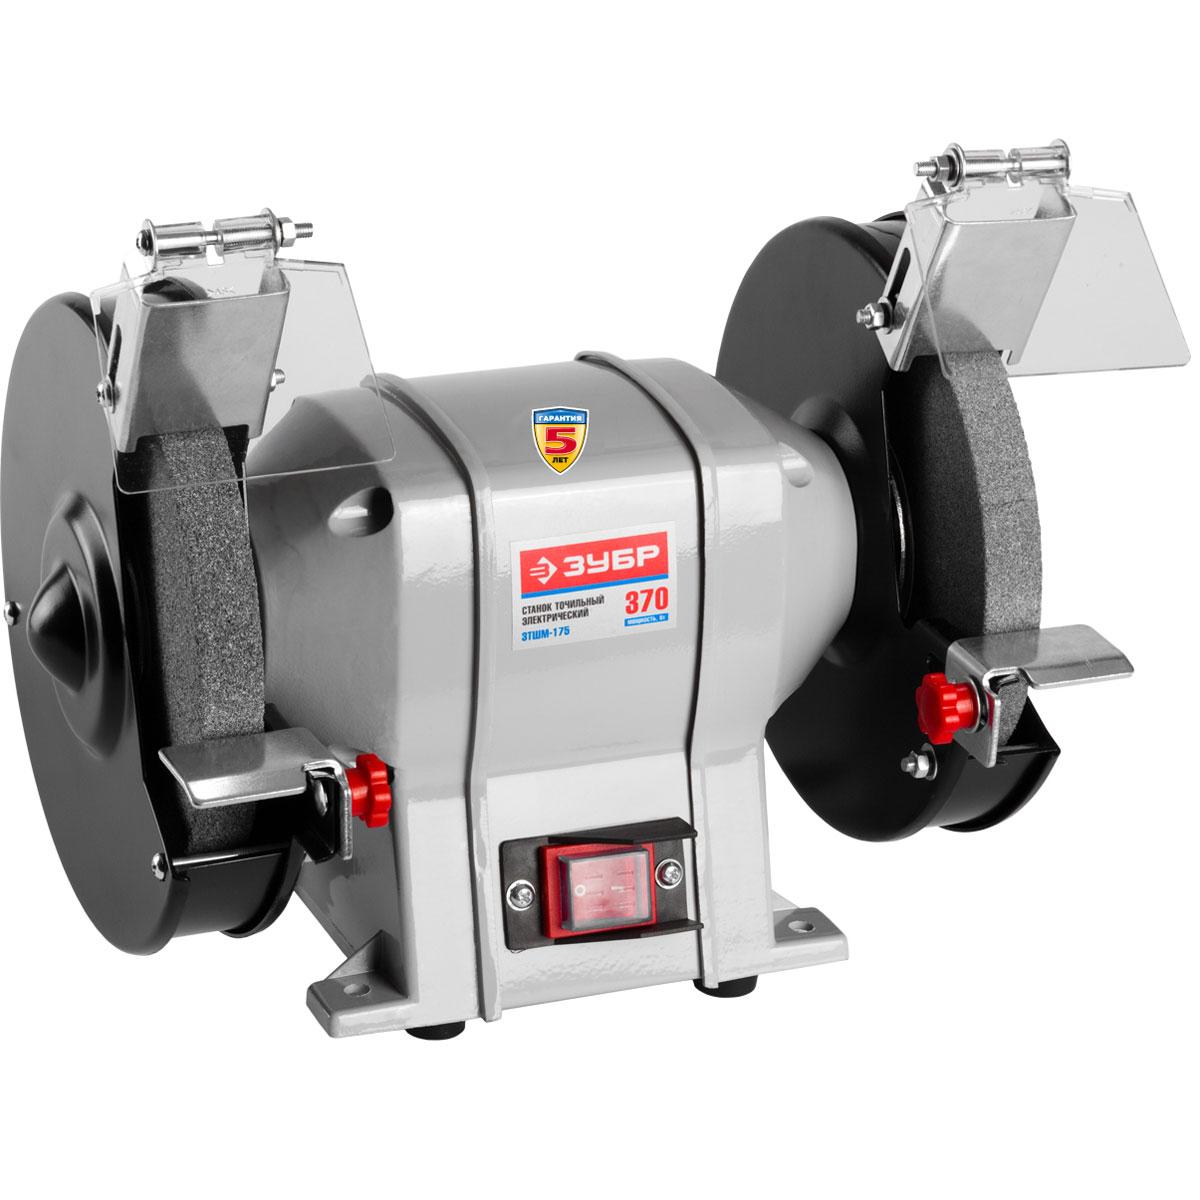 Станок ЗУБР МАСТЕР точильный двойной, d=175х20х32мм, лампа подсветки, 370ВтЗТШМ-175-370Точило электрическое ЗУБР ЗТШМ-175 предназначено для заточки режущих инструментов и правки бытового расходного инструмента. Станок имеет простую, надежную и компактную конструкцию, высокопроизводительный электродвигатель, два диска разной зернистости: для грубой обработки и тонкой шлифовки или заточки материала, регулируемый опорный стол, защитные прозрачные поворотные экраны, пылезащищенный выключатель, основание с отверстиями для надежного крепления станка, крепление точильных камней с разными посадочными диаметрами.